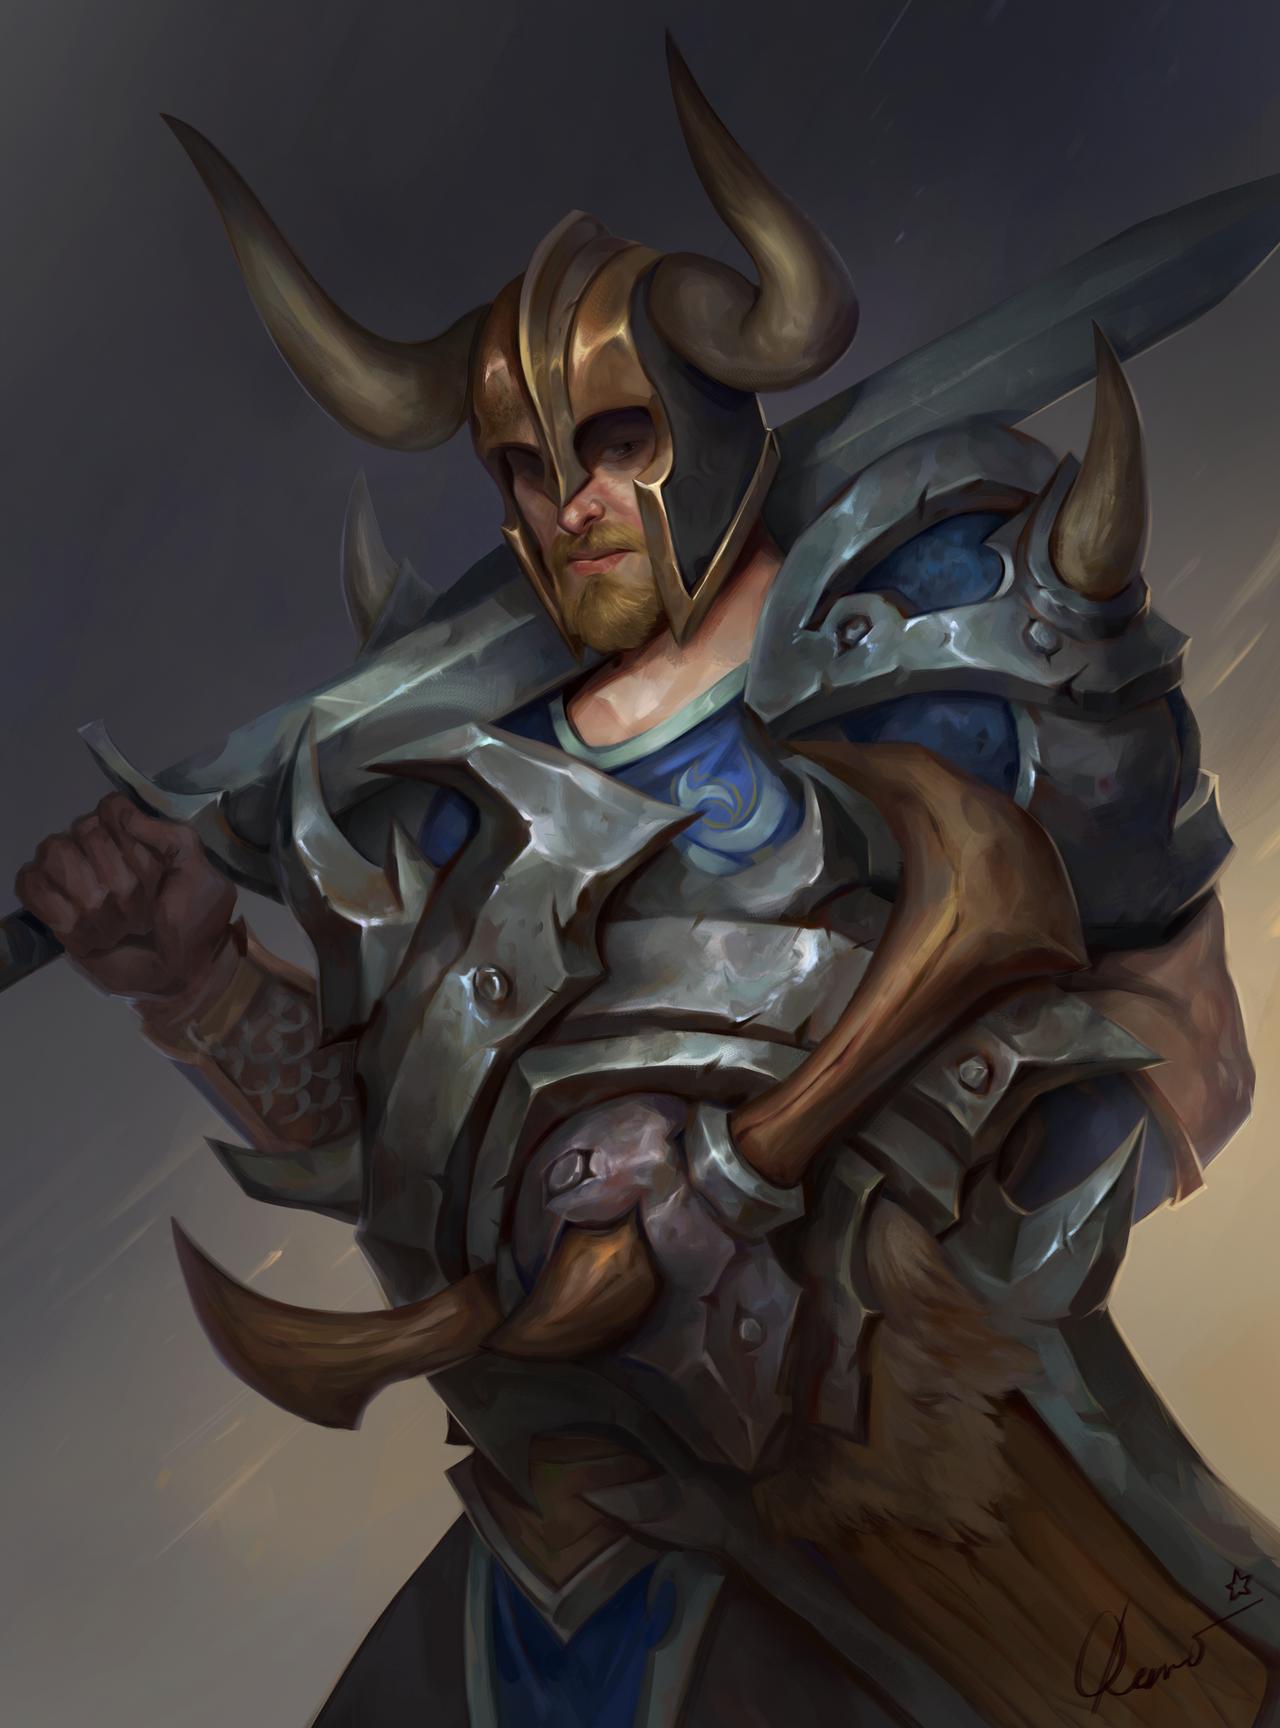 Human Warrior Brutal Commission